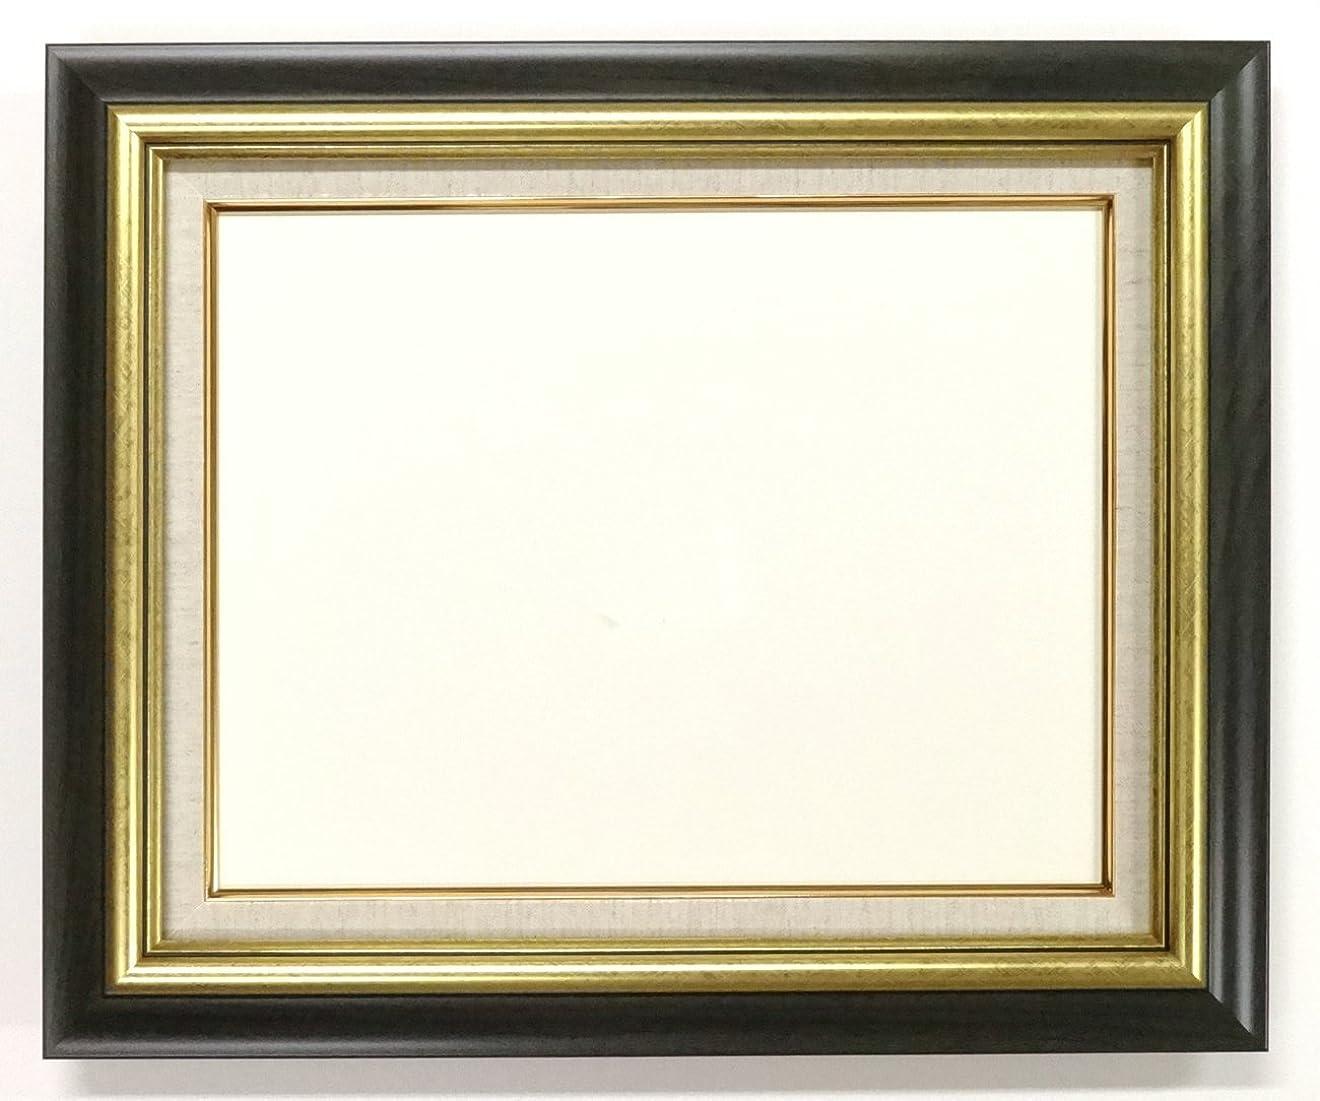 無限有限チョーク大額 油彩用額縁 8116 アクリル仕様 壁用フック付 (F6, グリーン)